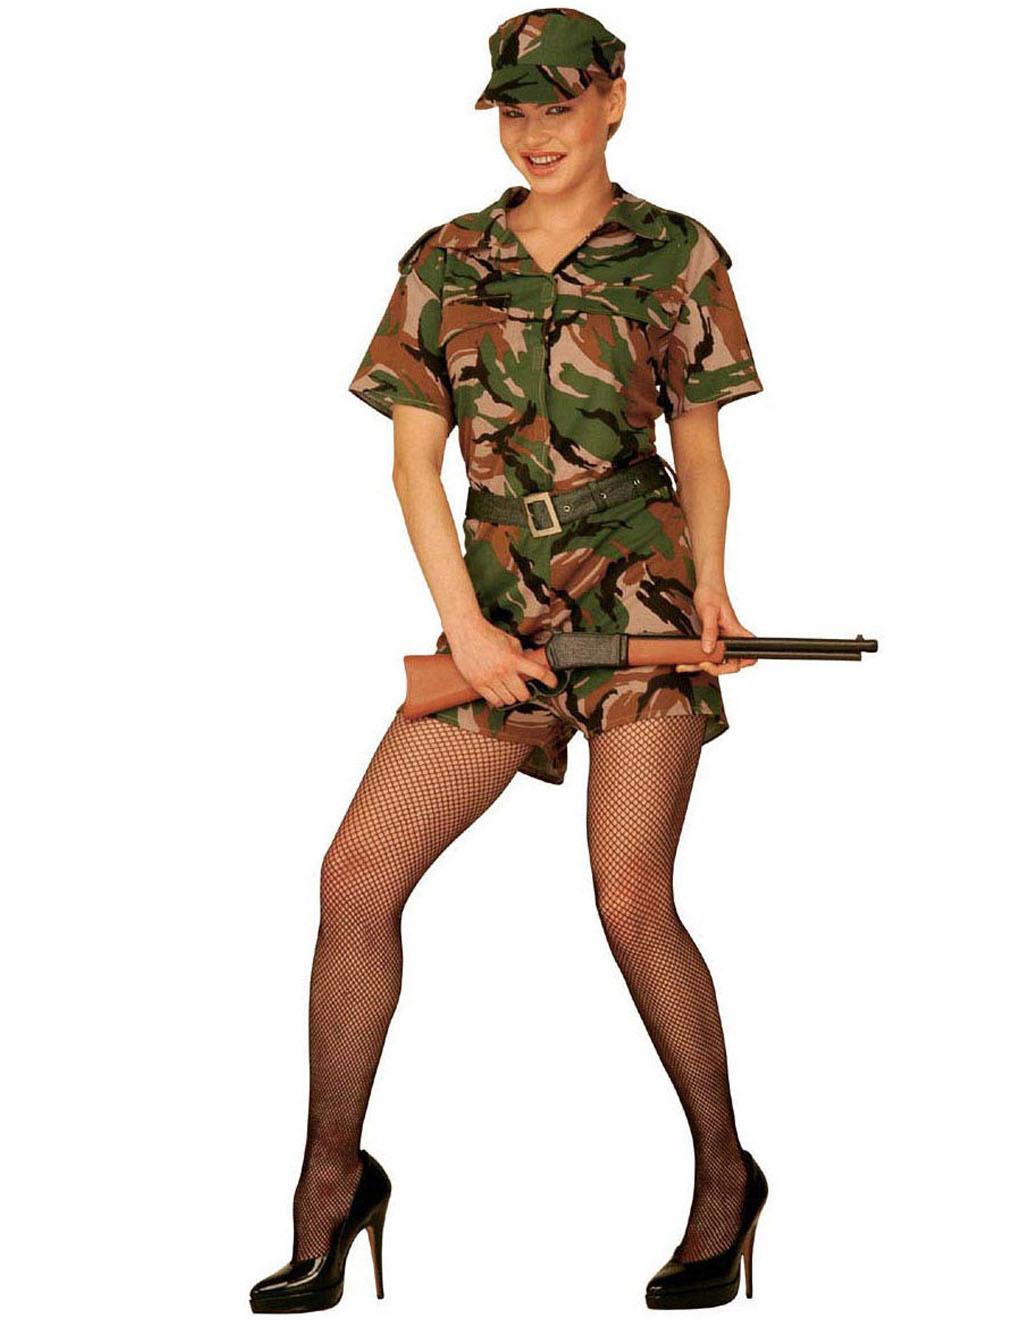 Déguisement militaire femme : Deguise-toi, achat de ... Gi Jane Costume